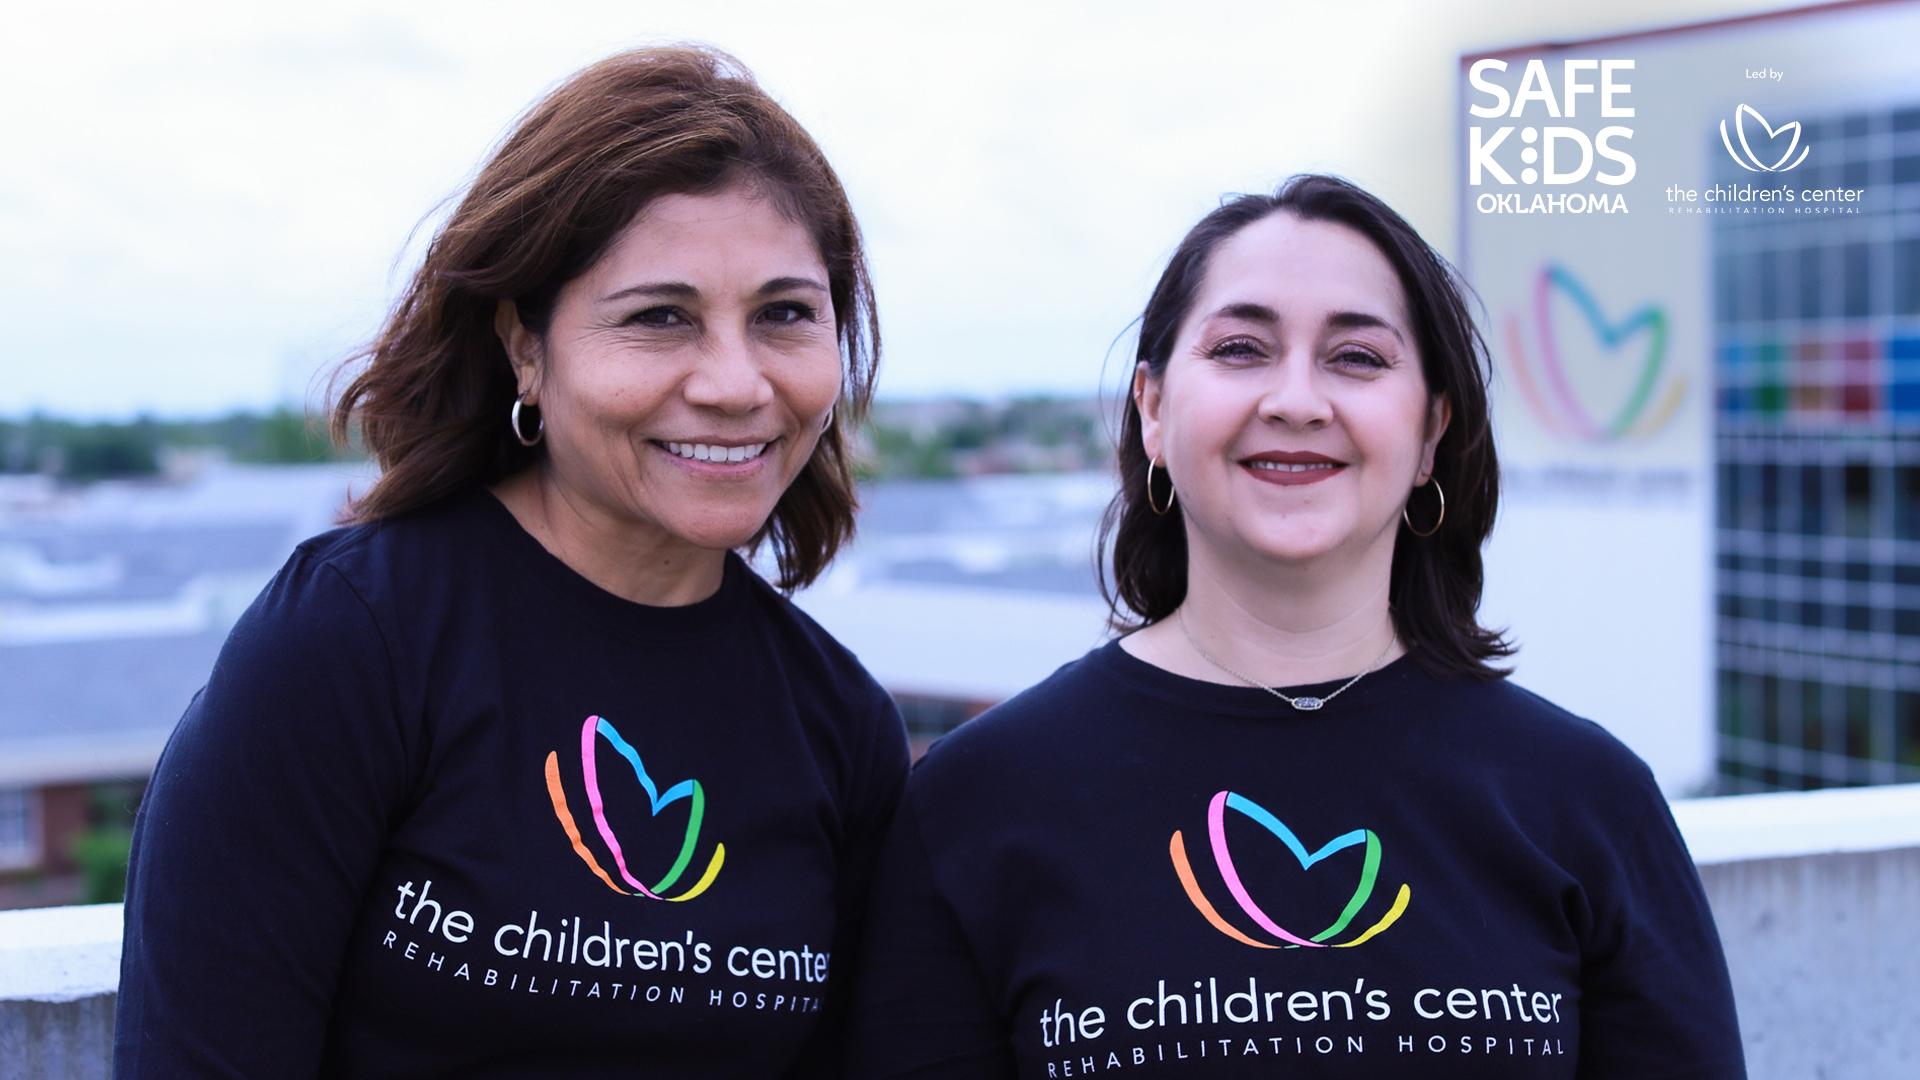 Employee Heartbeat – Keeping Kids Safe